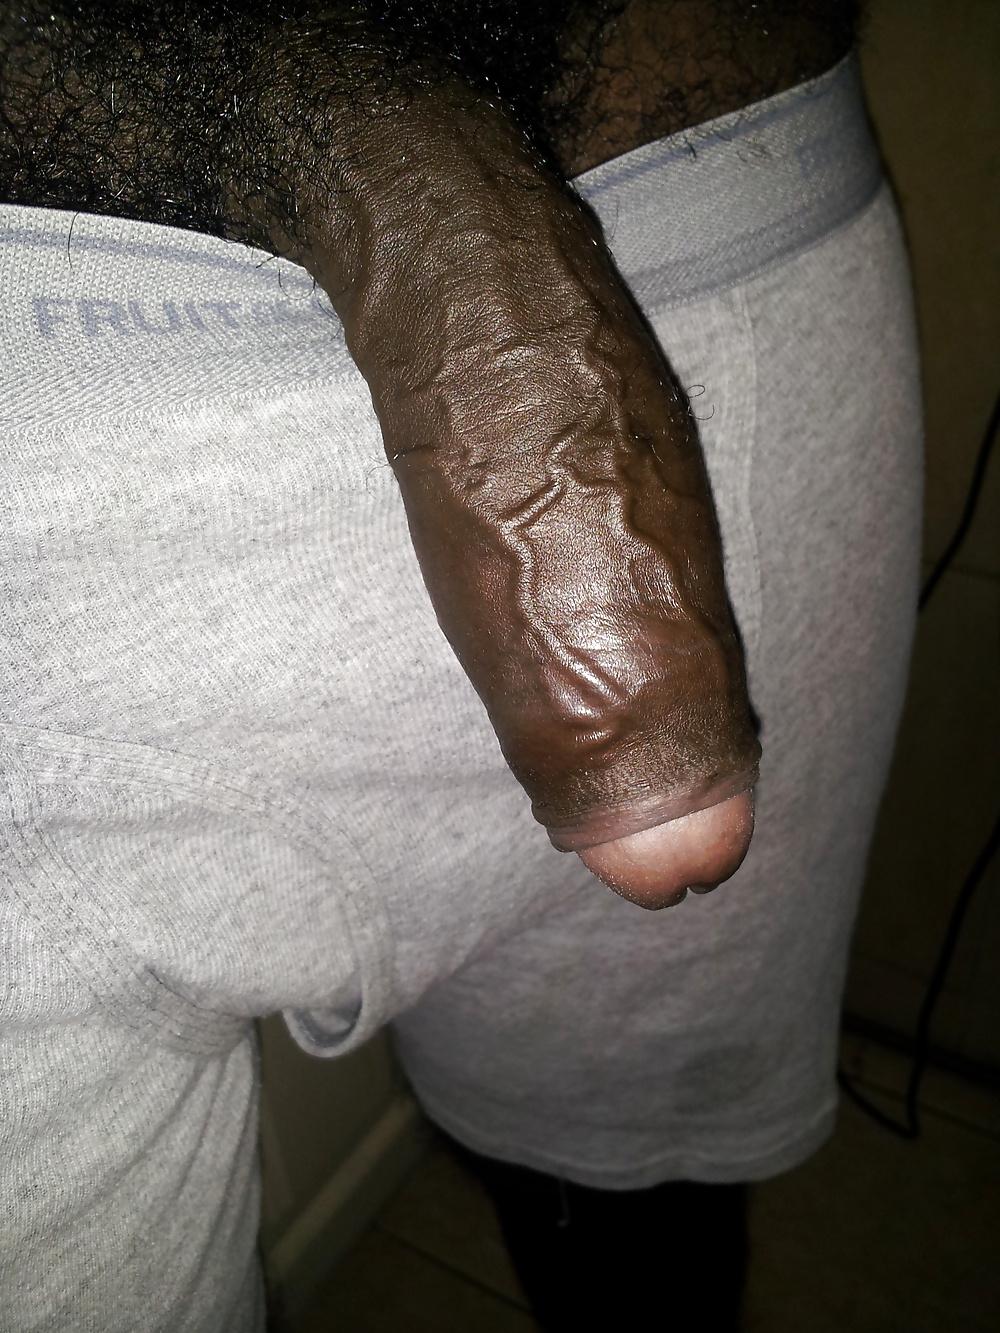 Big Black Uncut Penis